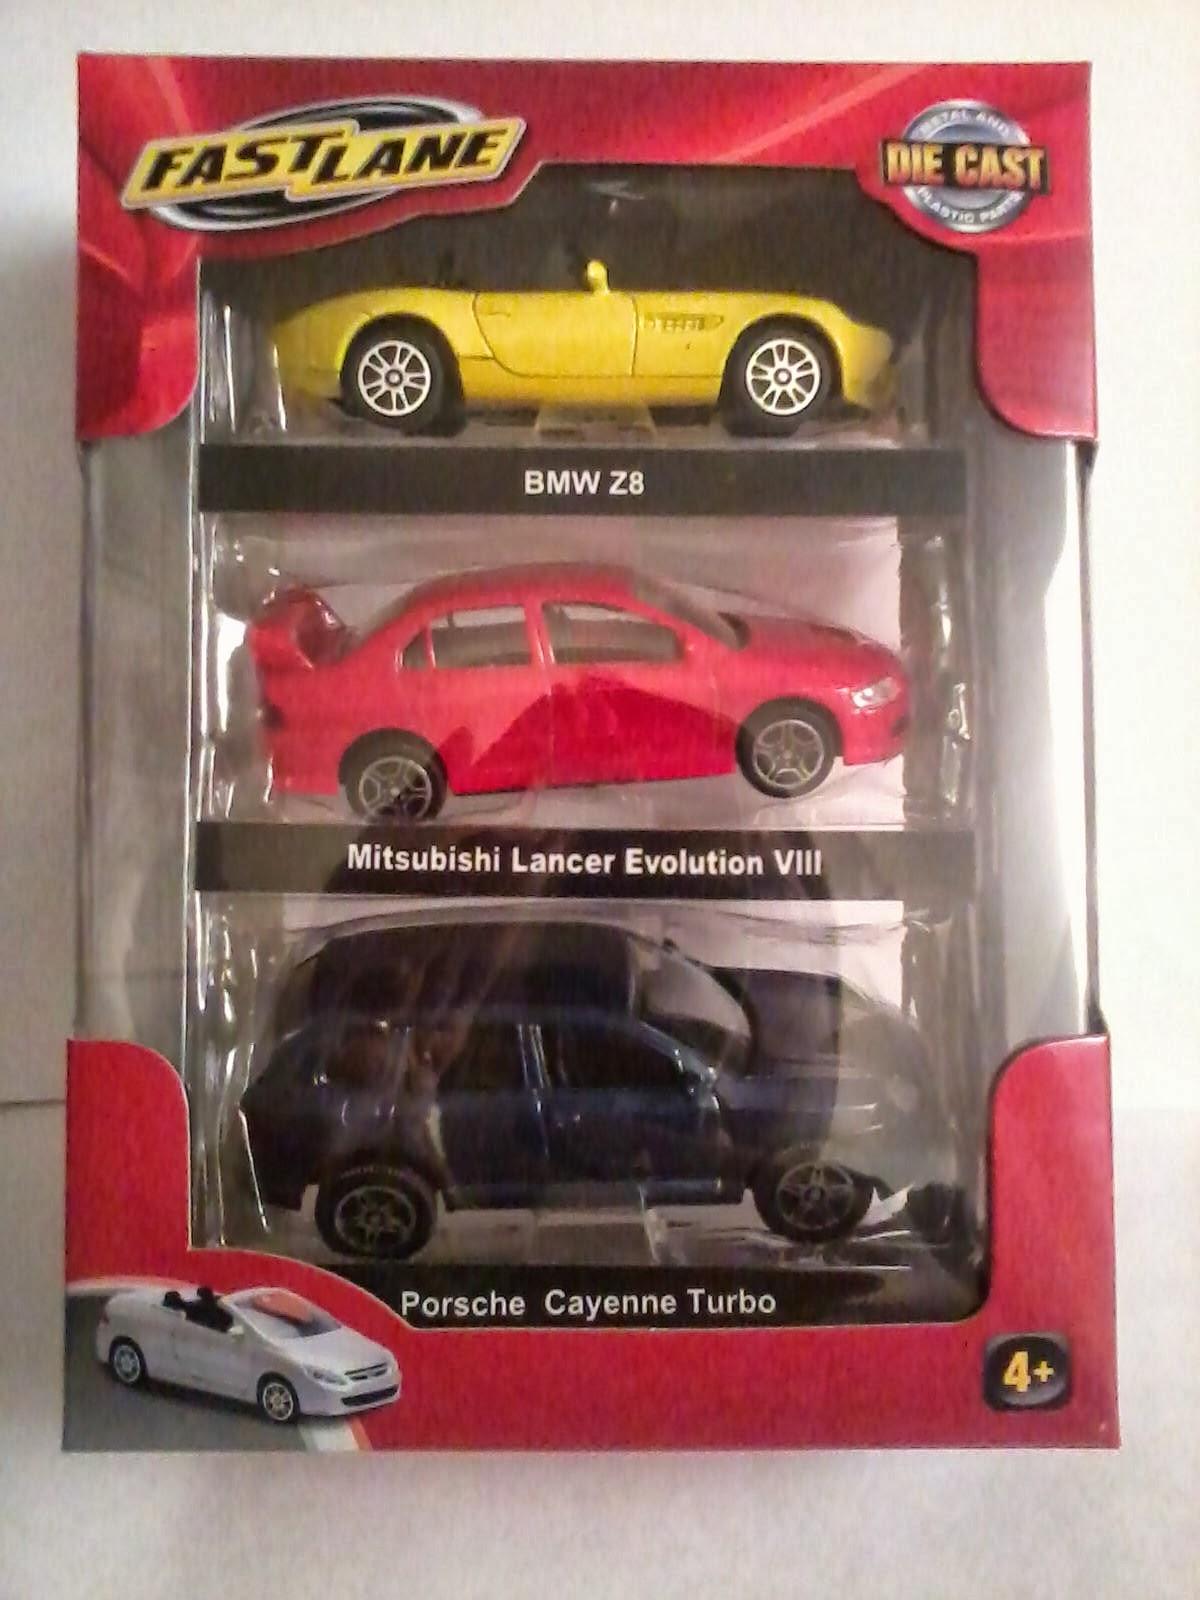 GM A Dollar Toys R Us Fast Lane